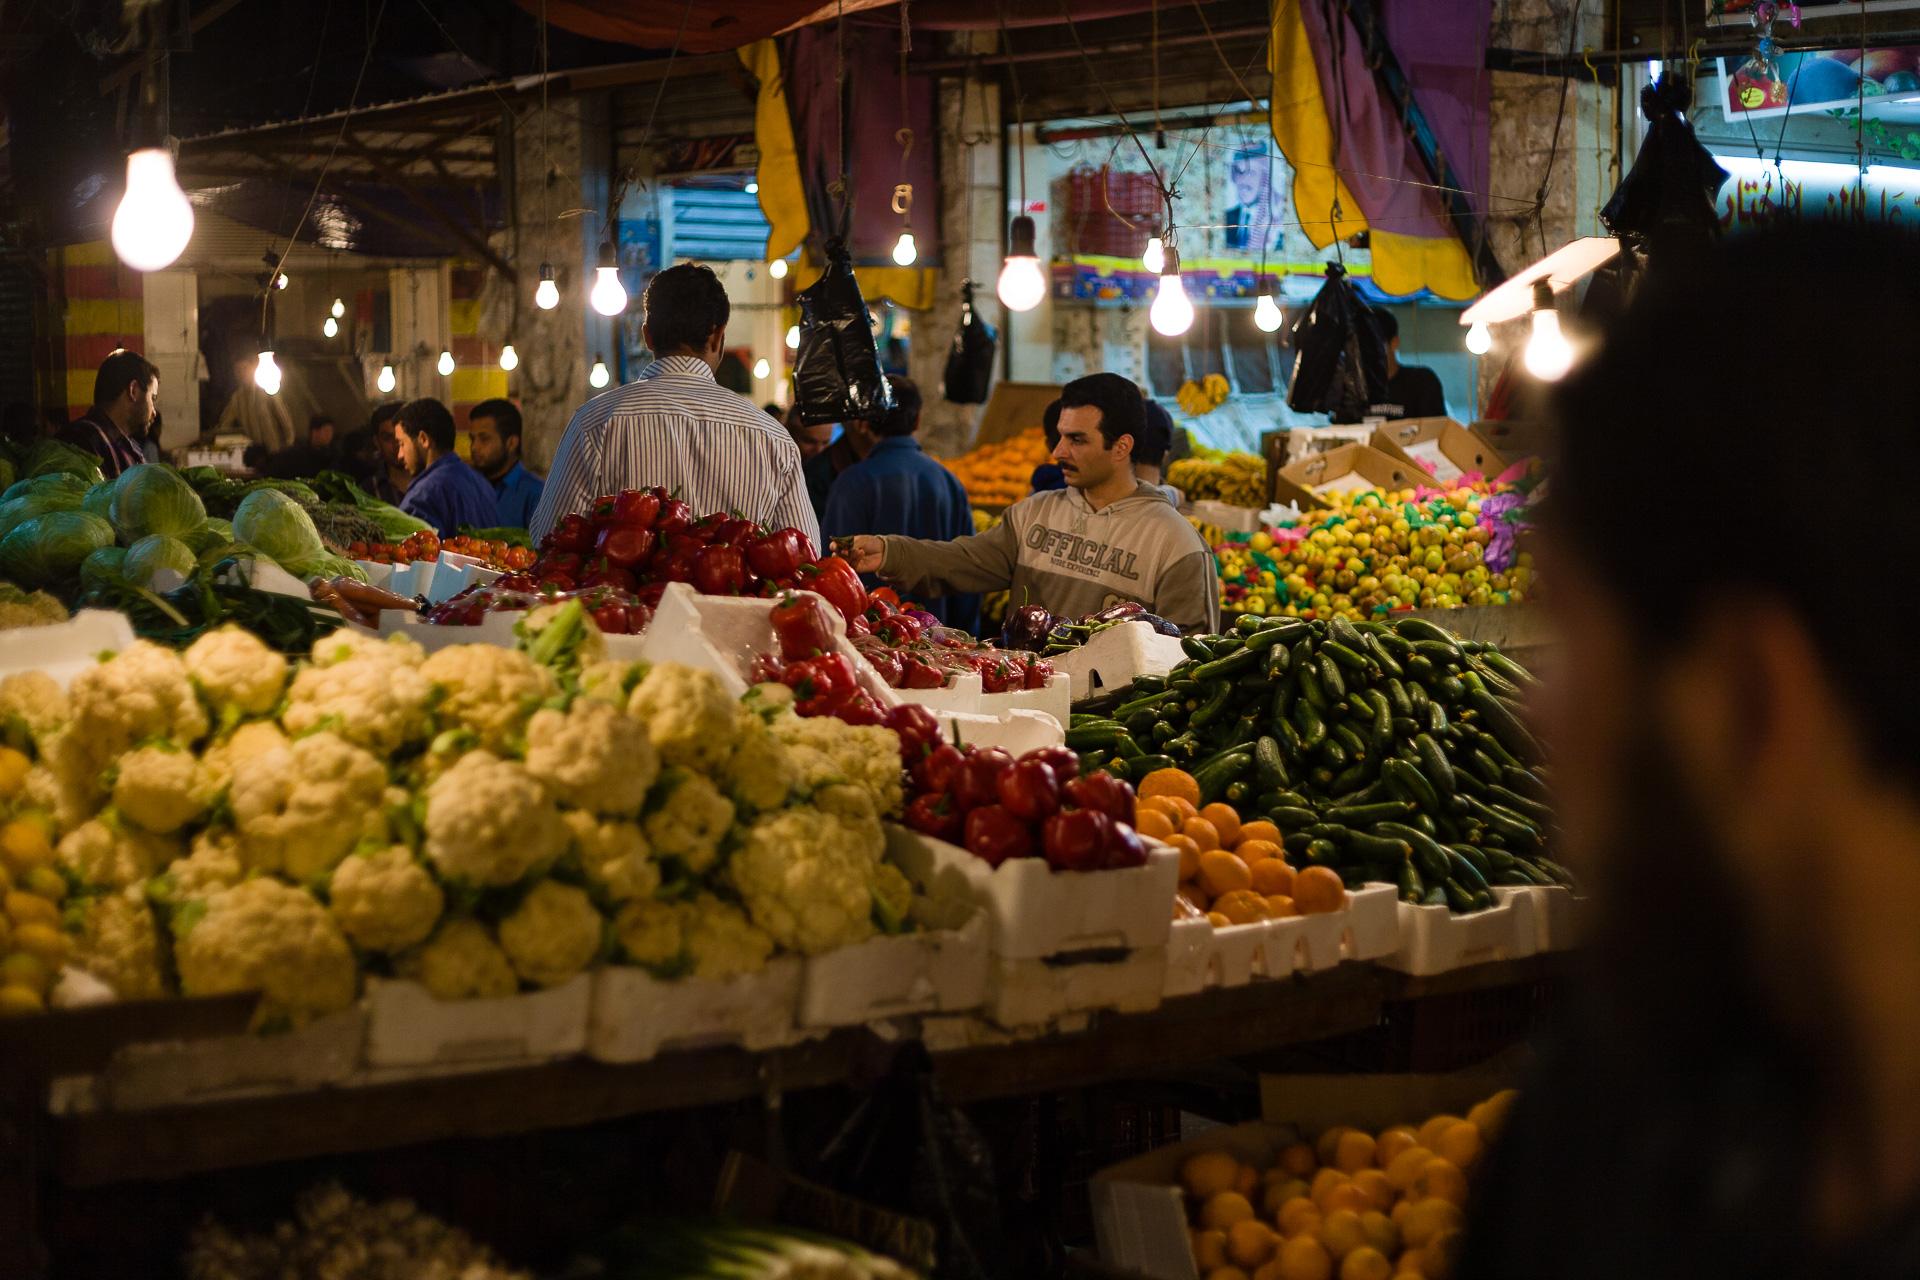 marché aux légumes à Amman, capitale de la Jordanie